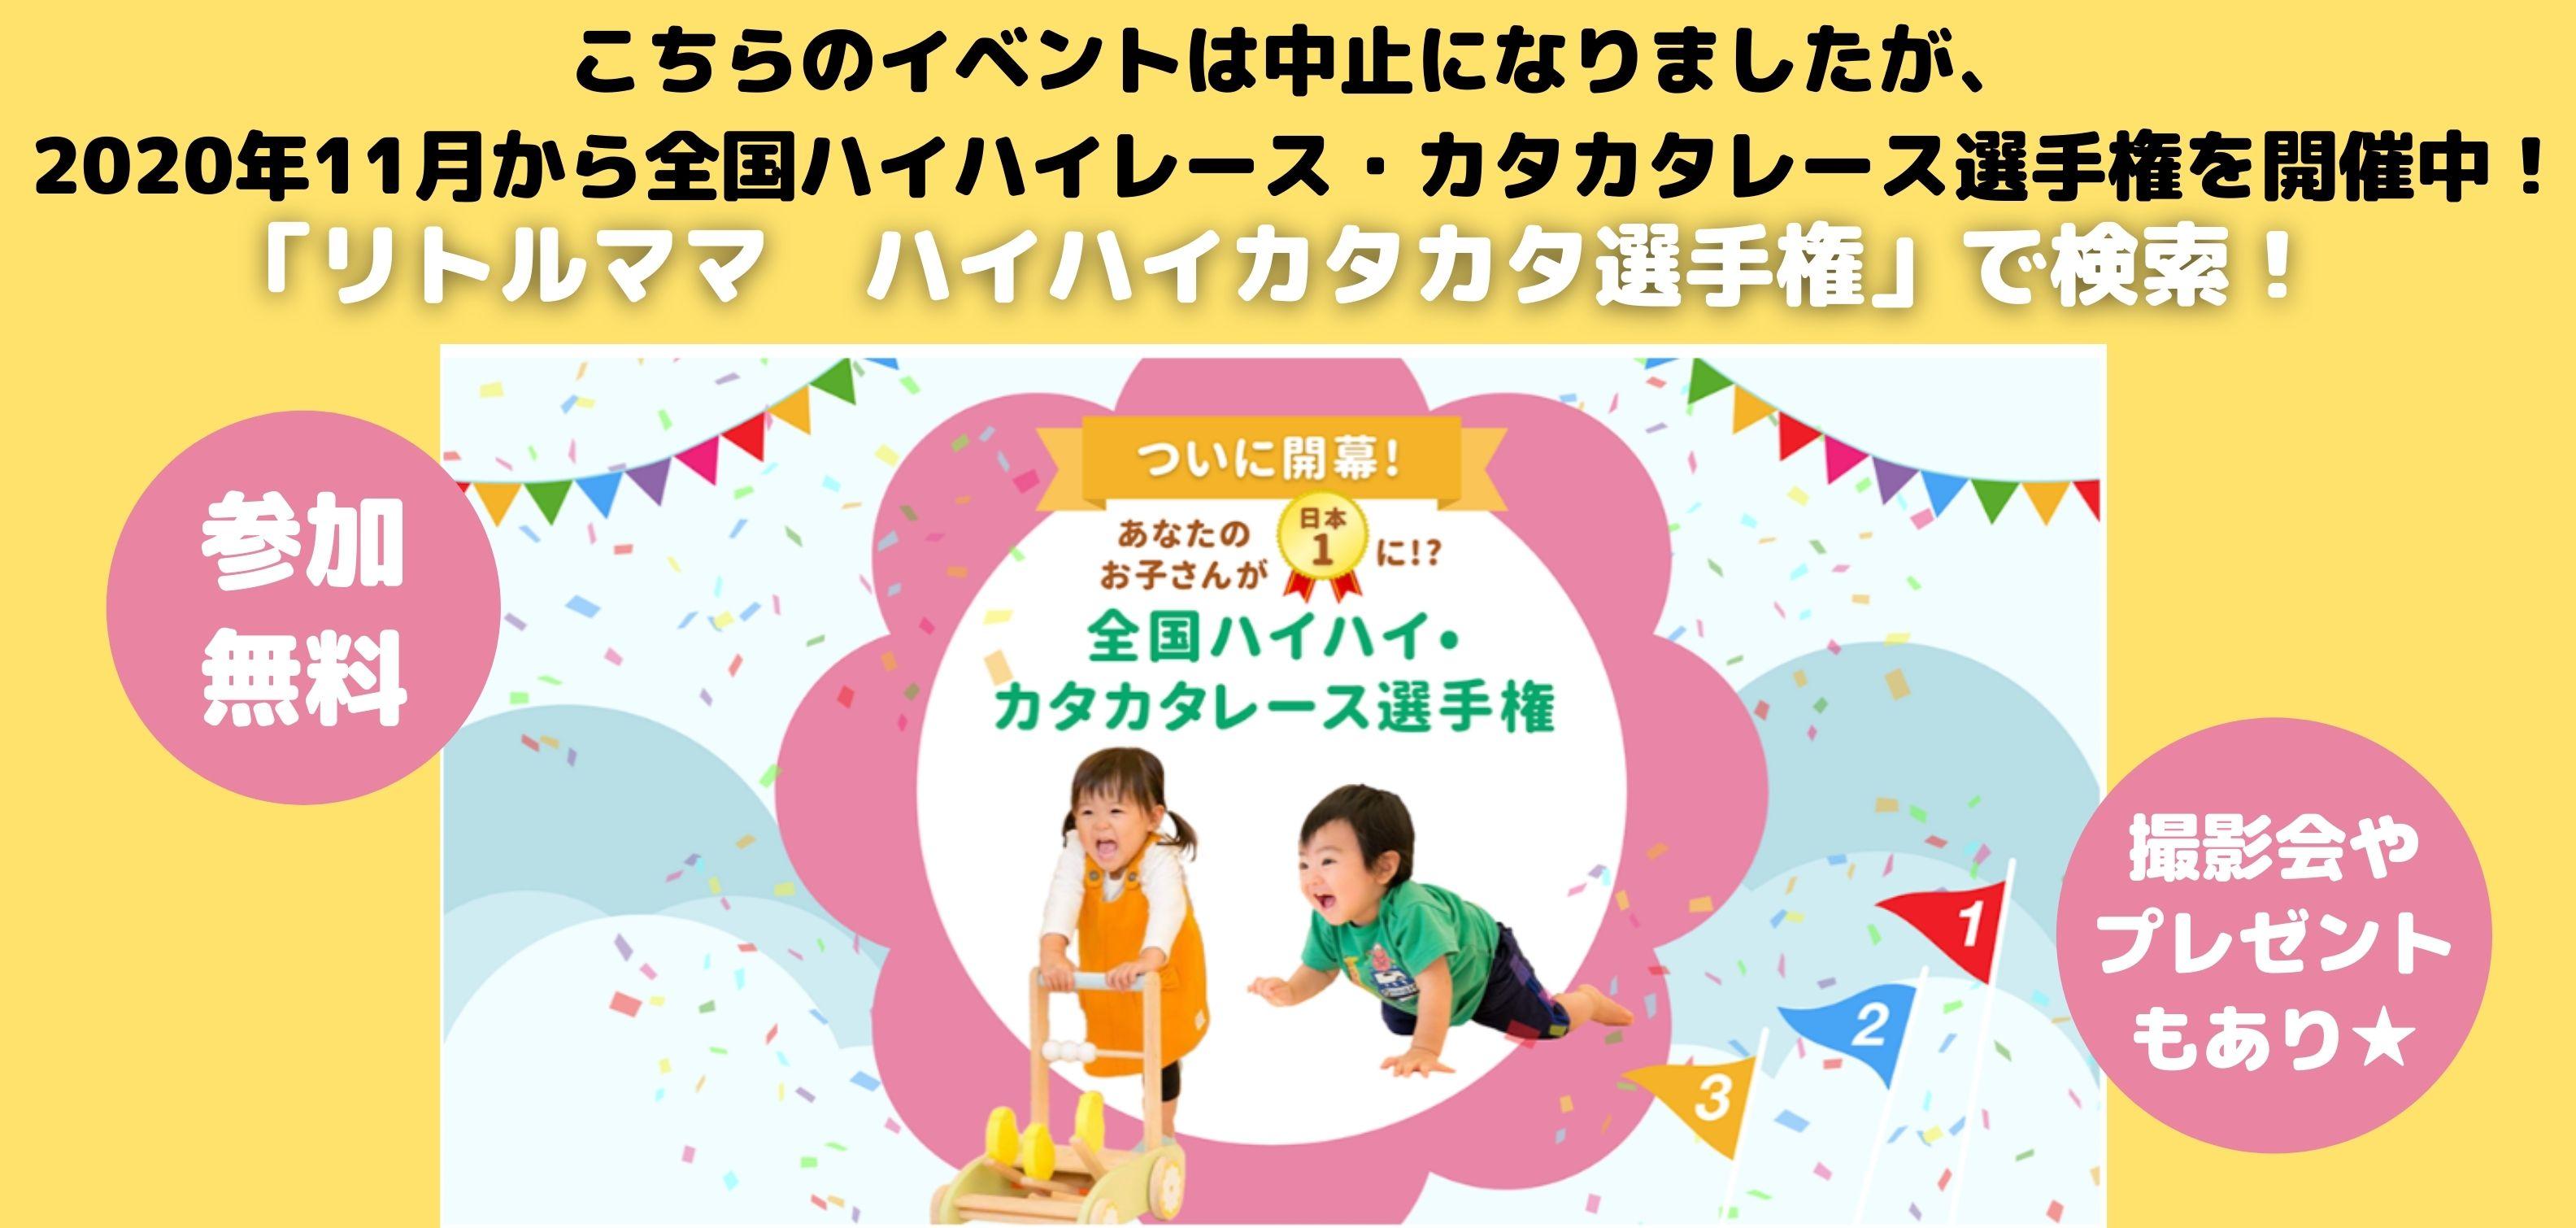 リトル・ママフェスタ福岡2020Mar